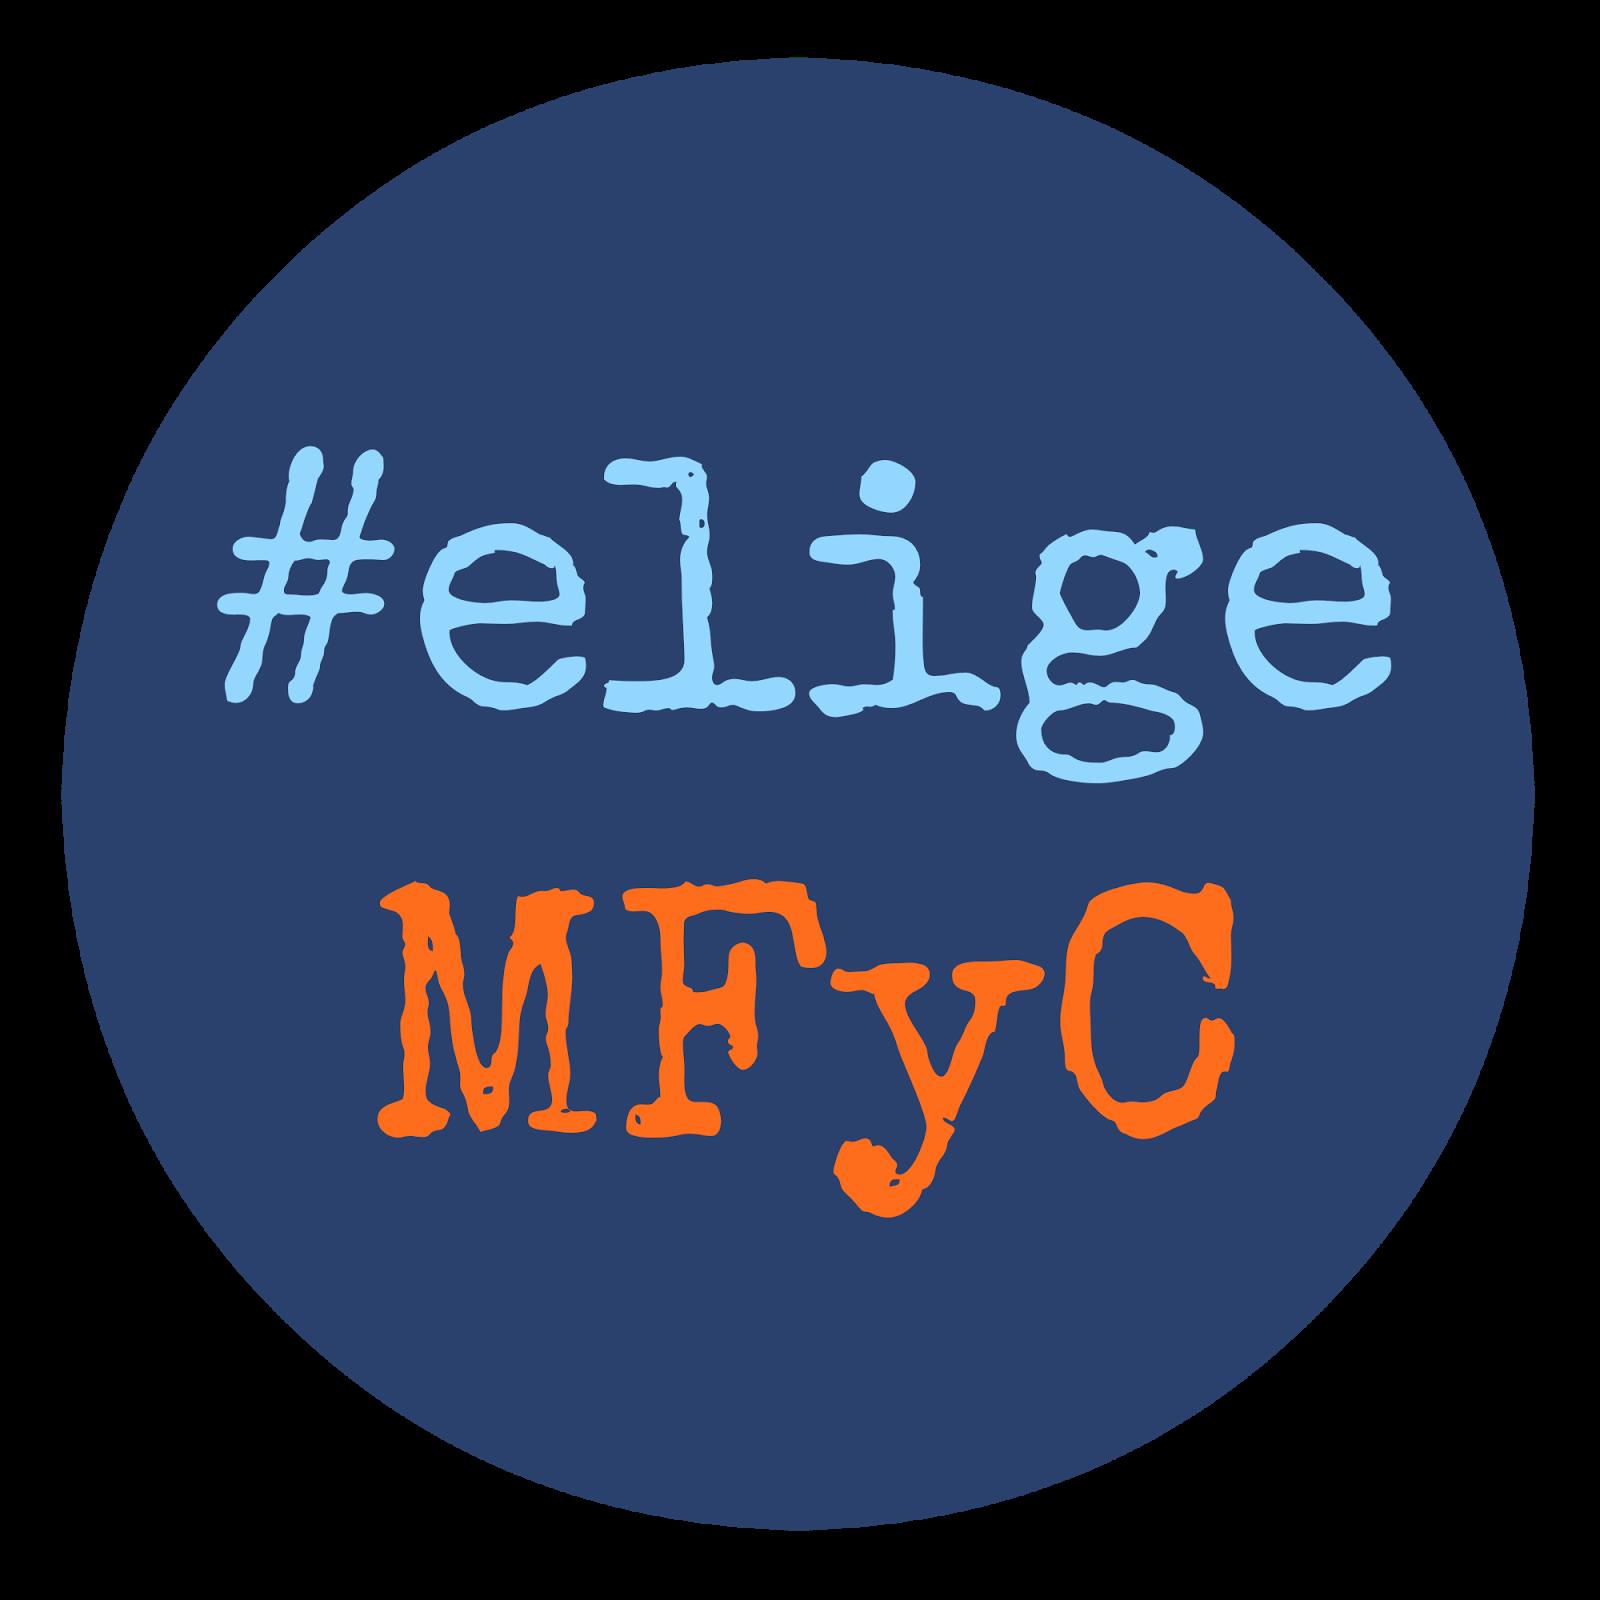 #EligeMFyC